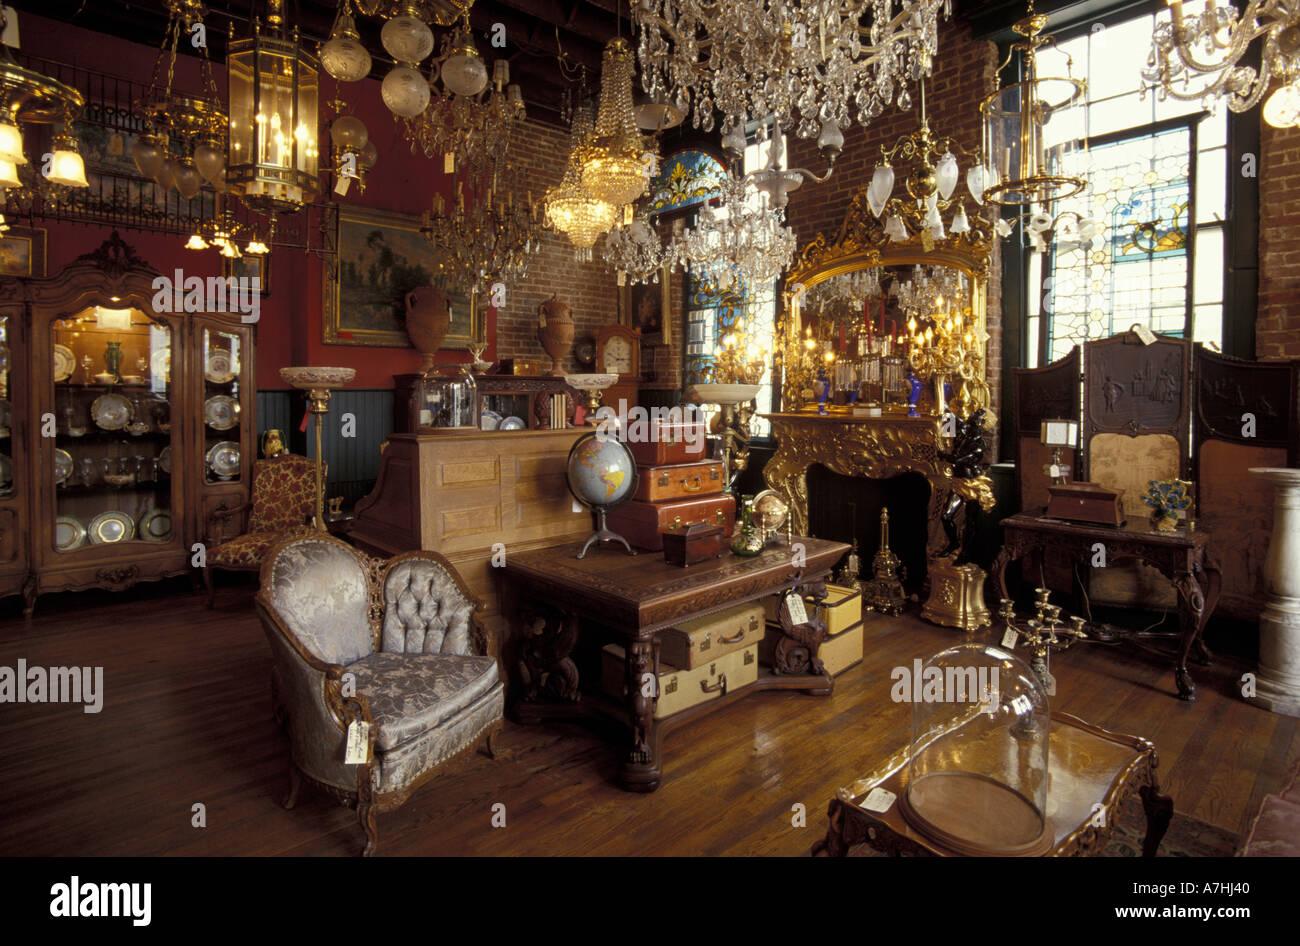 NA, USA, Kentucky, Lexington. Interior Of Old Antique Shop